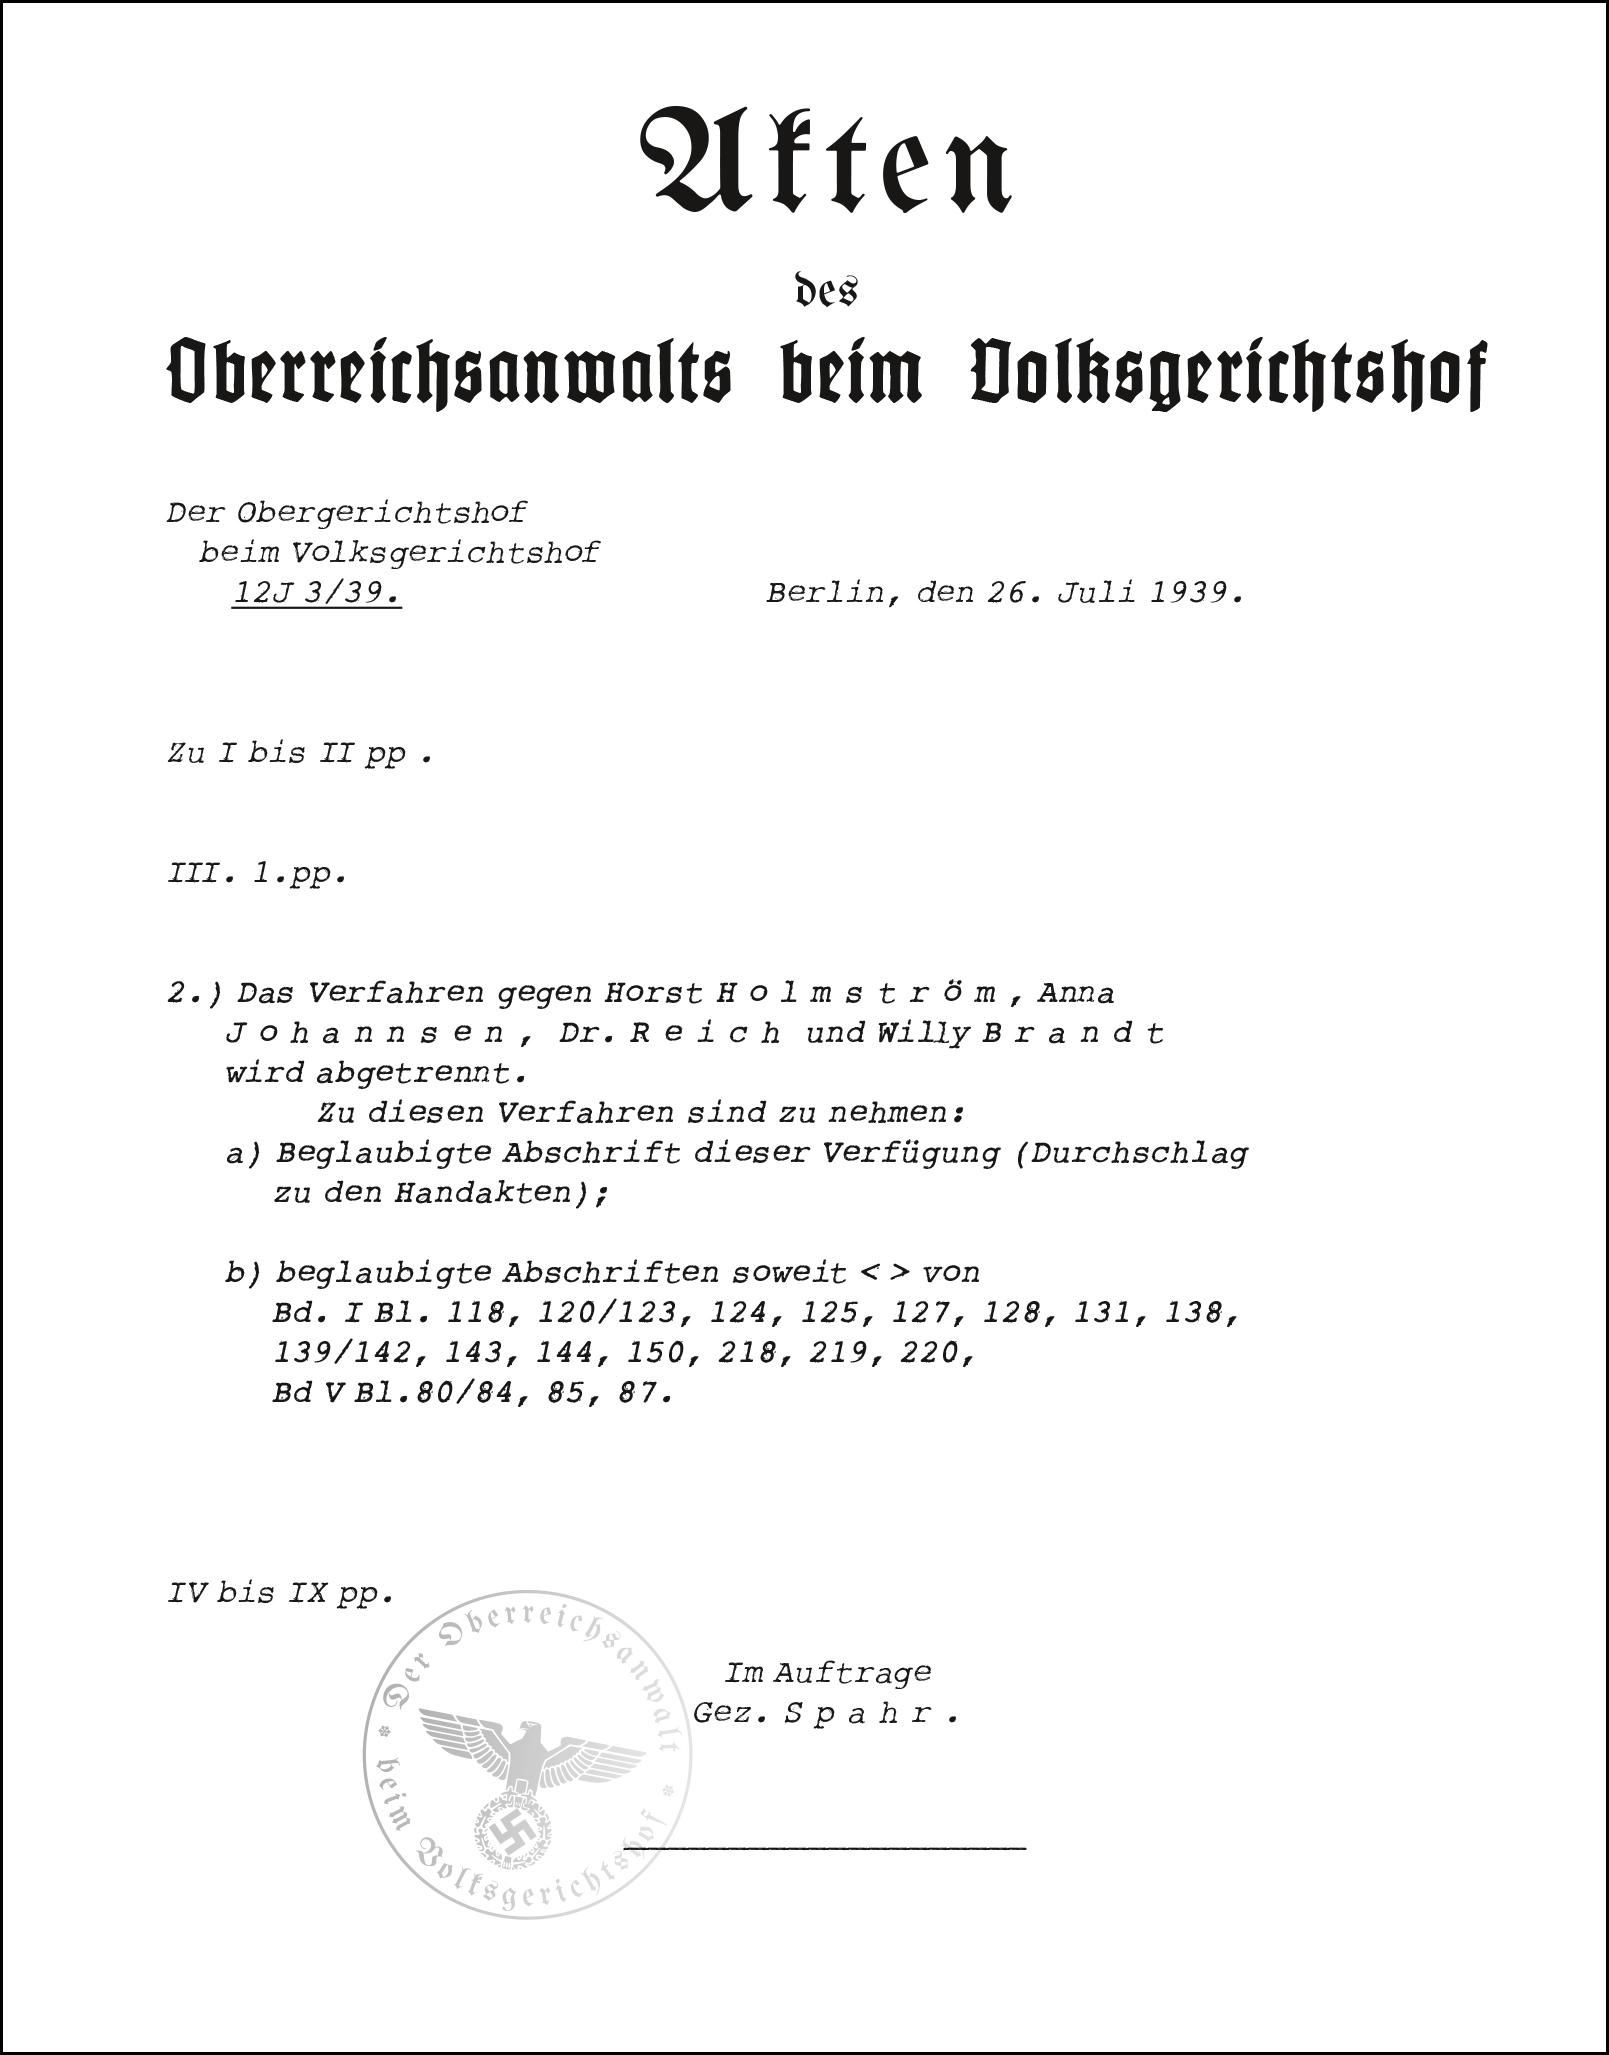 Aus der Akte des Oberreichsanwalts beim Volksgerichtshof in der Strafsache gegen Wilheim Reich und Willy Brandt. Quelle: Bundesarchiv, Berlin, NJ 6793 (nachgestaltet).